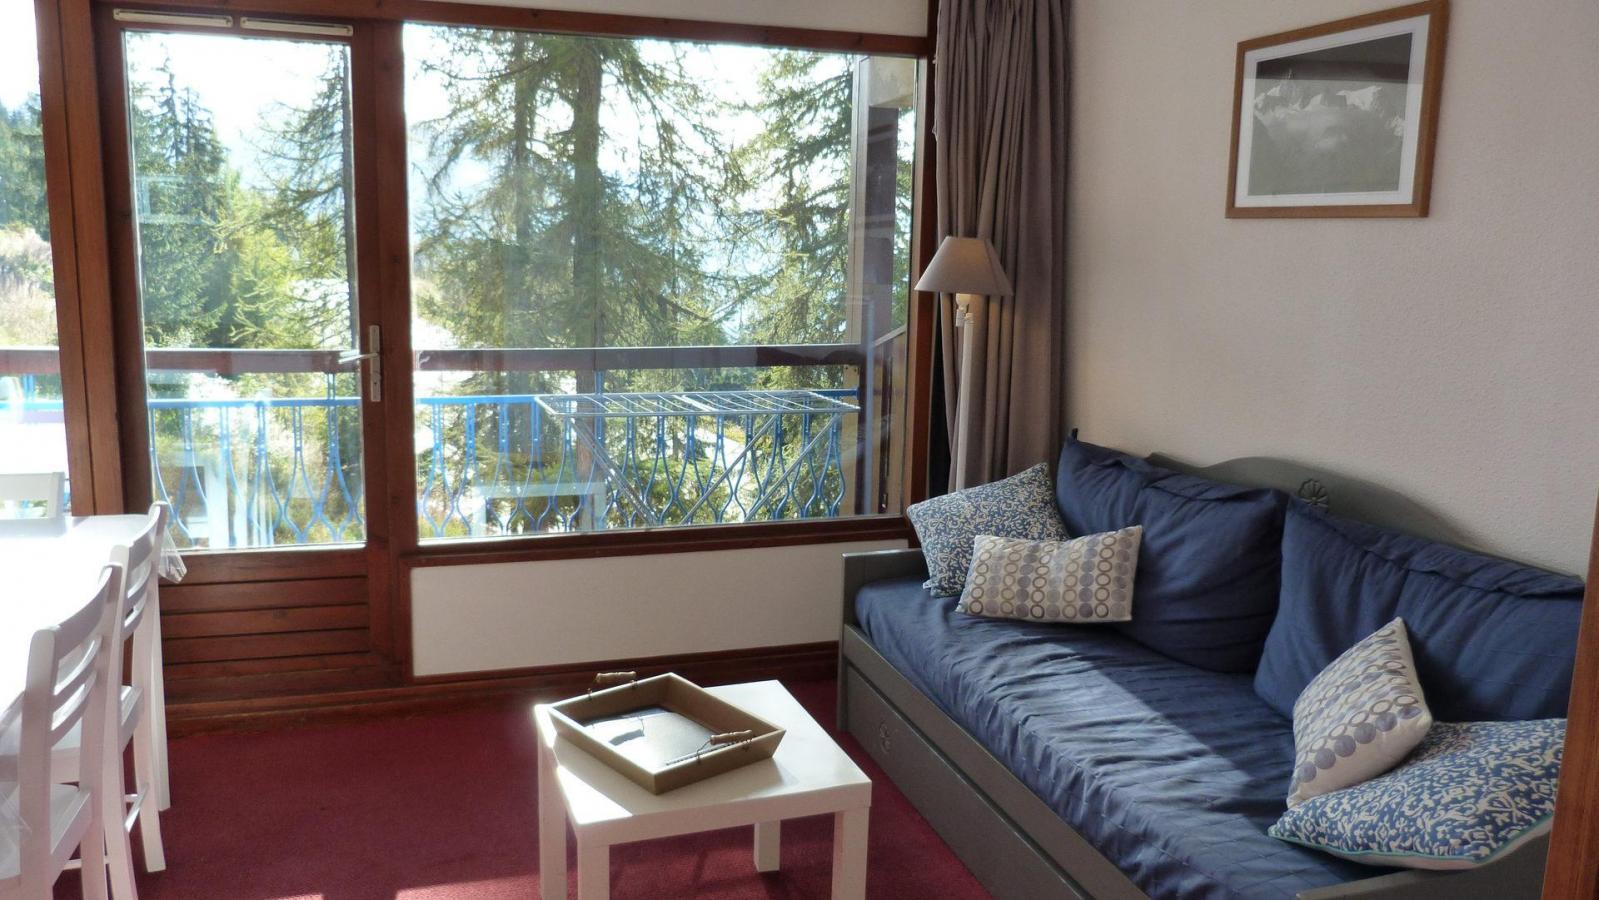 Location au ski Appartement 3 pièces 6 personnes (600) - Residence Le Ruitor - Les Arcs - Séjour